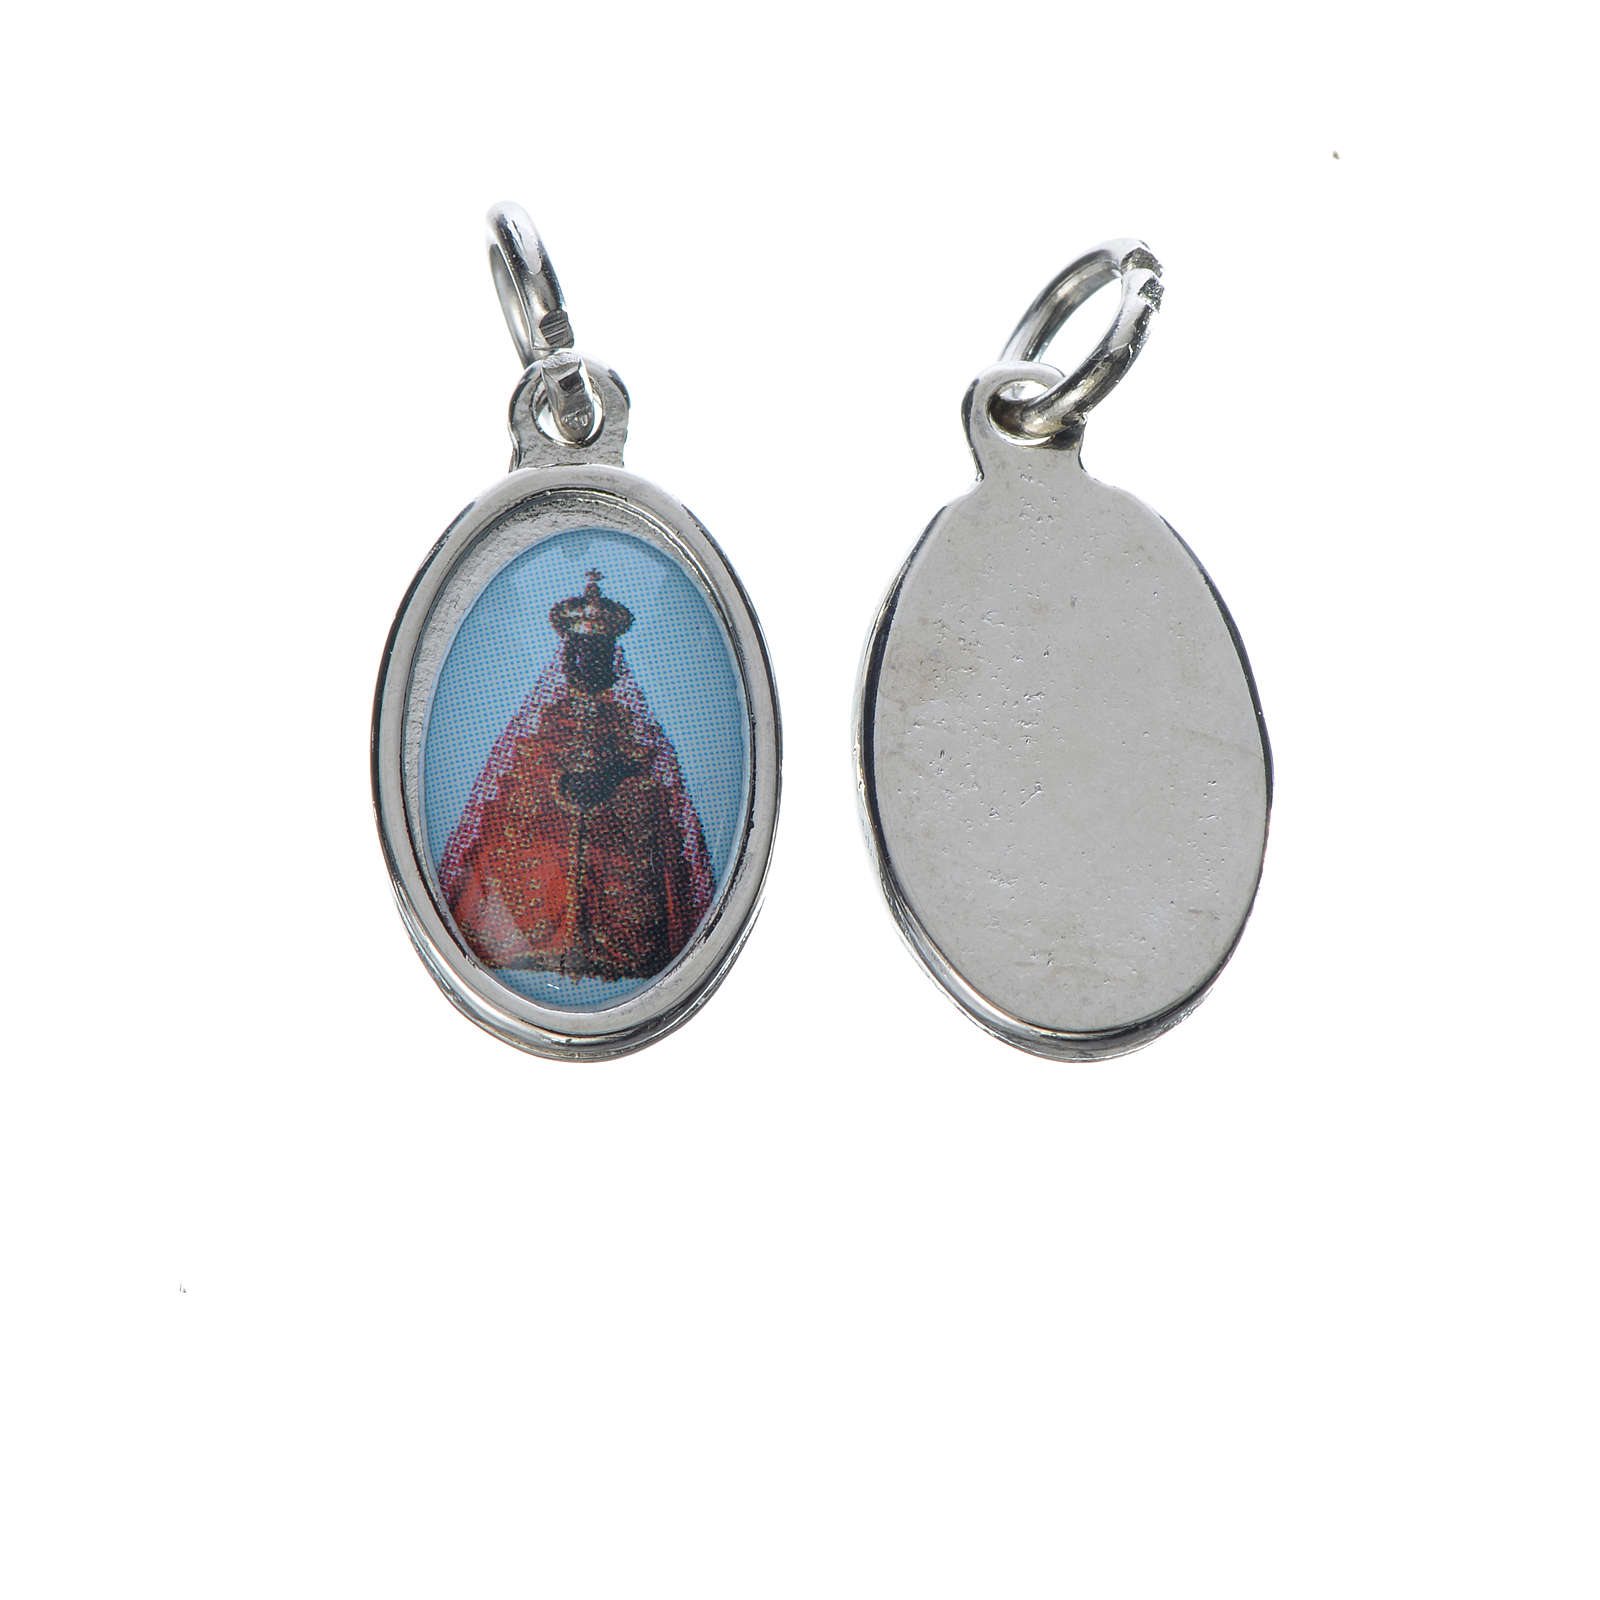 Black Virgin medal in silver metal, 1.5cm 4